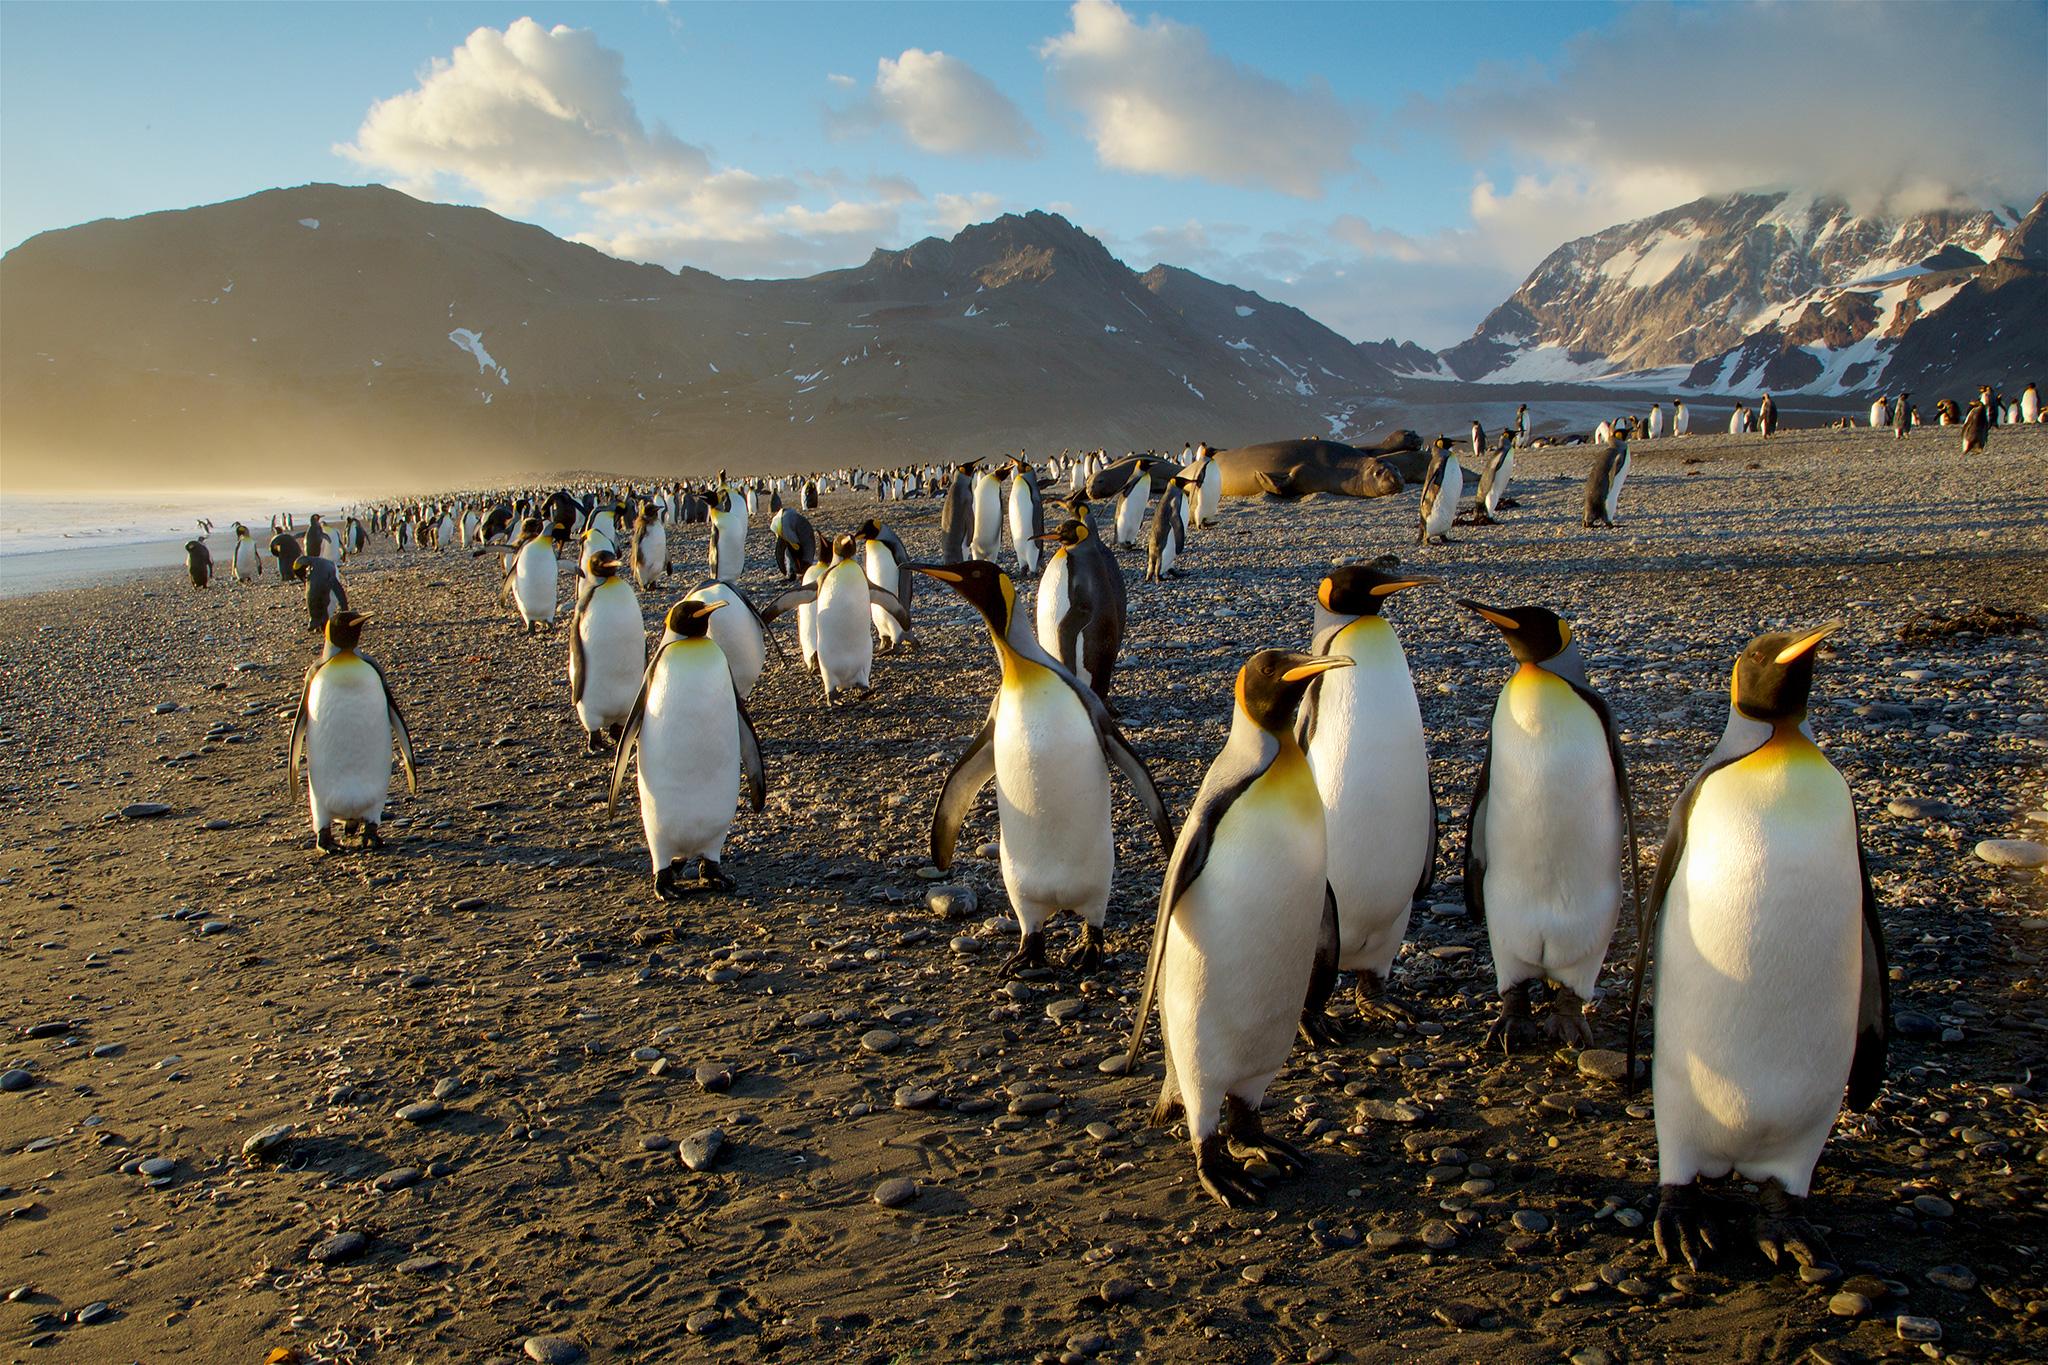 Bờ biển với những chu schim cánh cụt hoàng đế